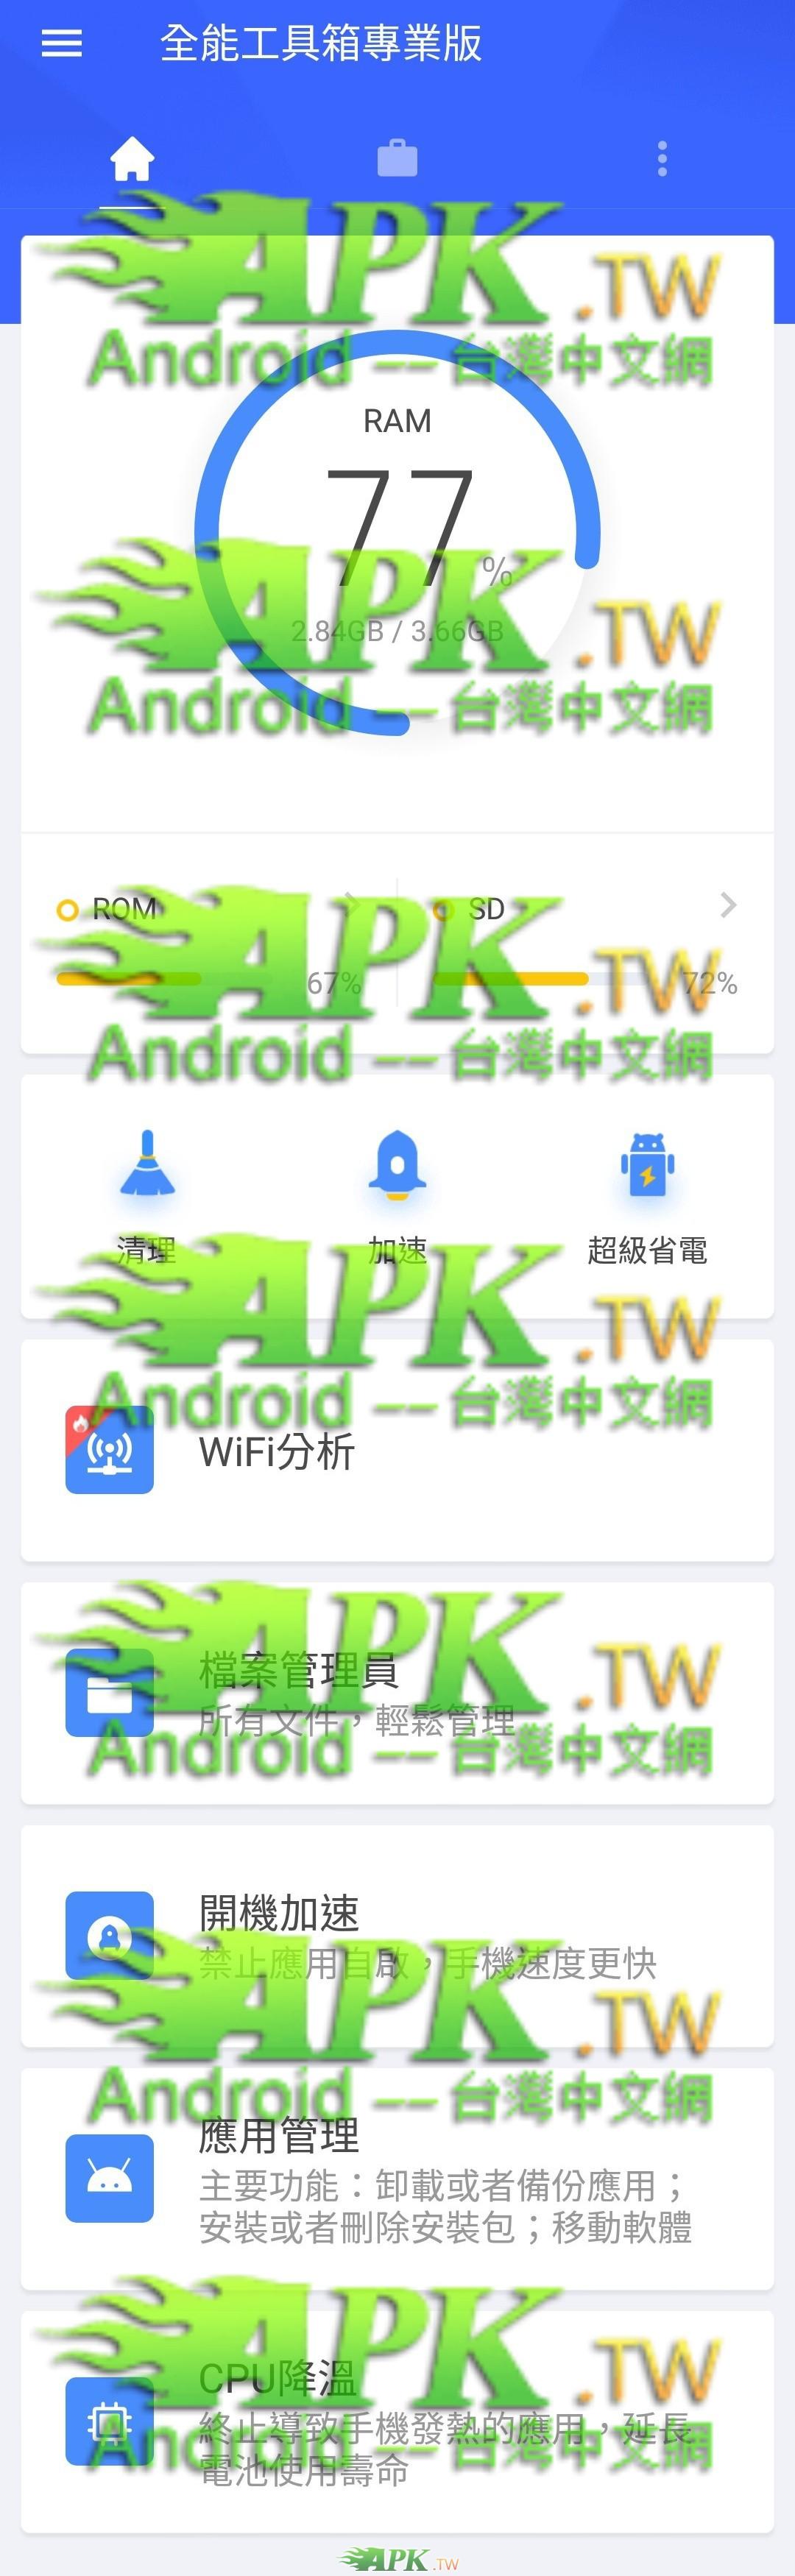 AIO_Toolbox__1.jpg